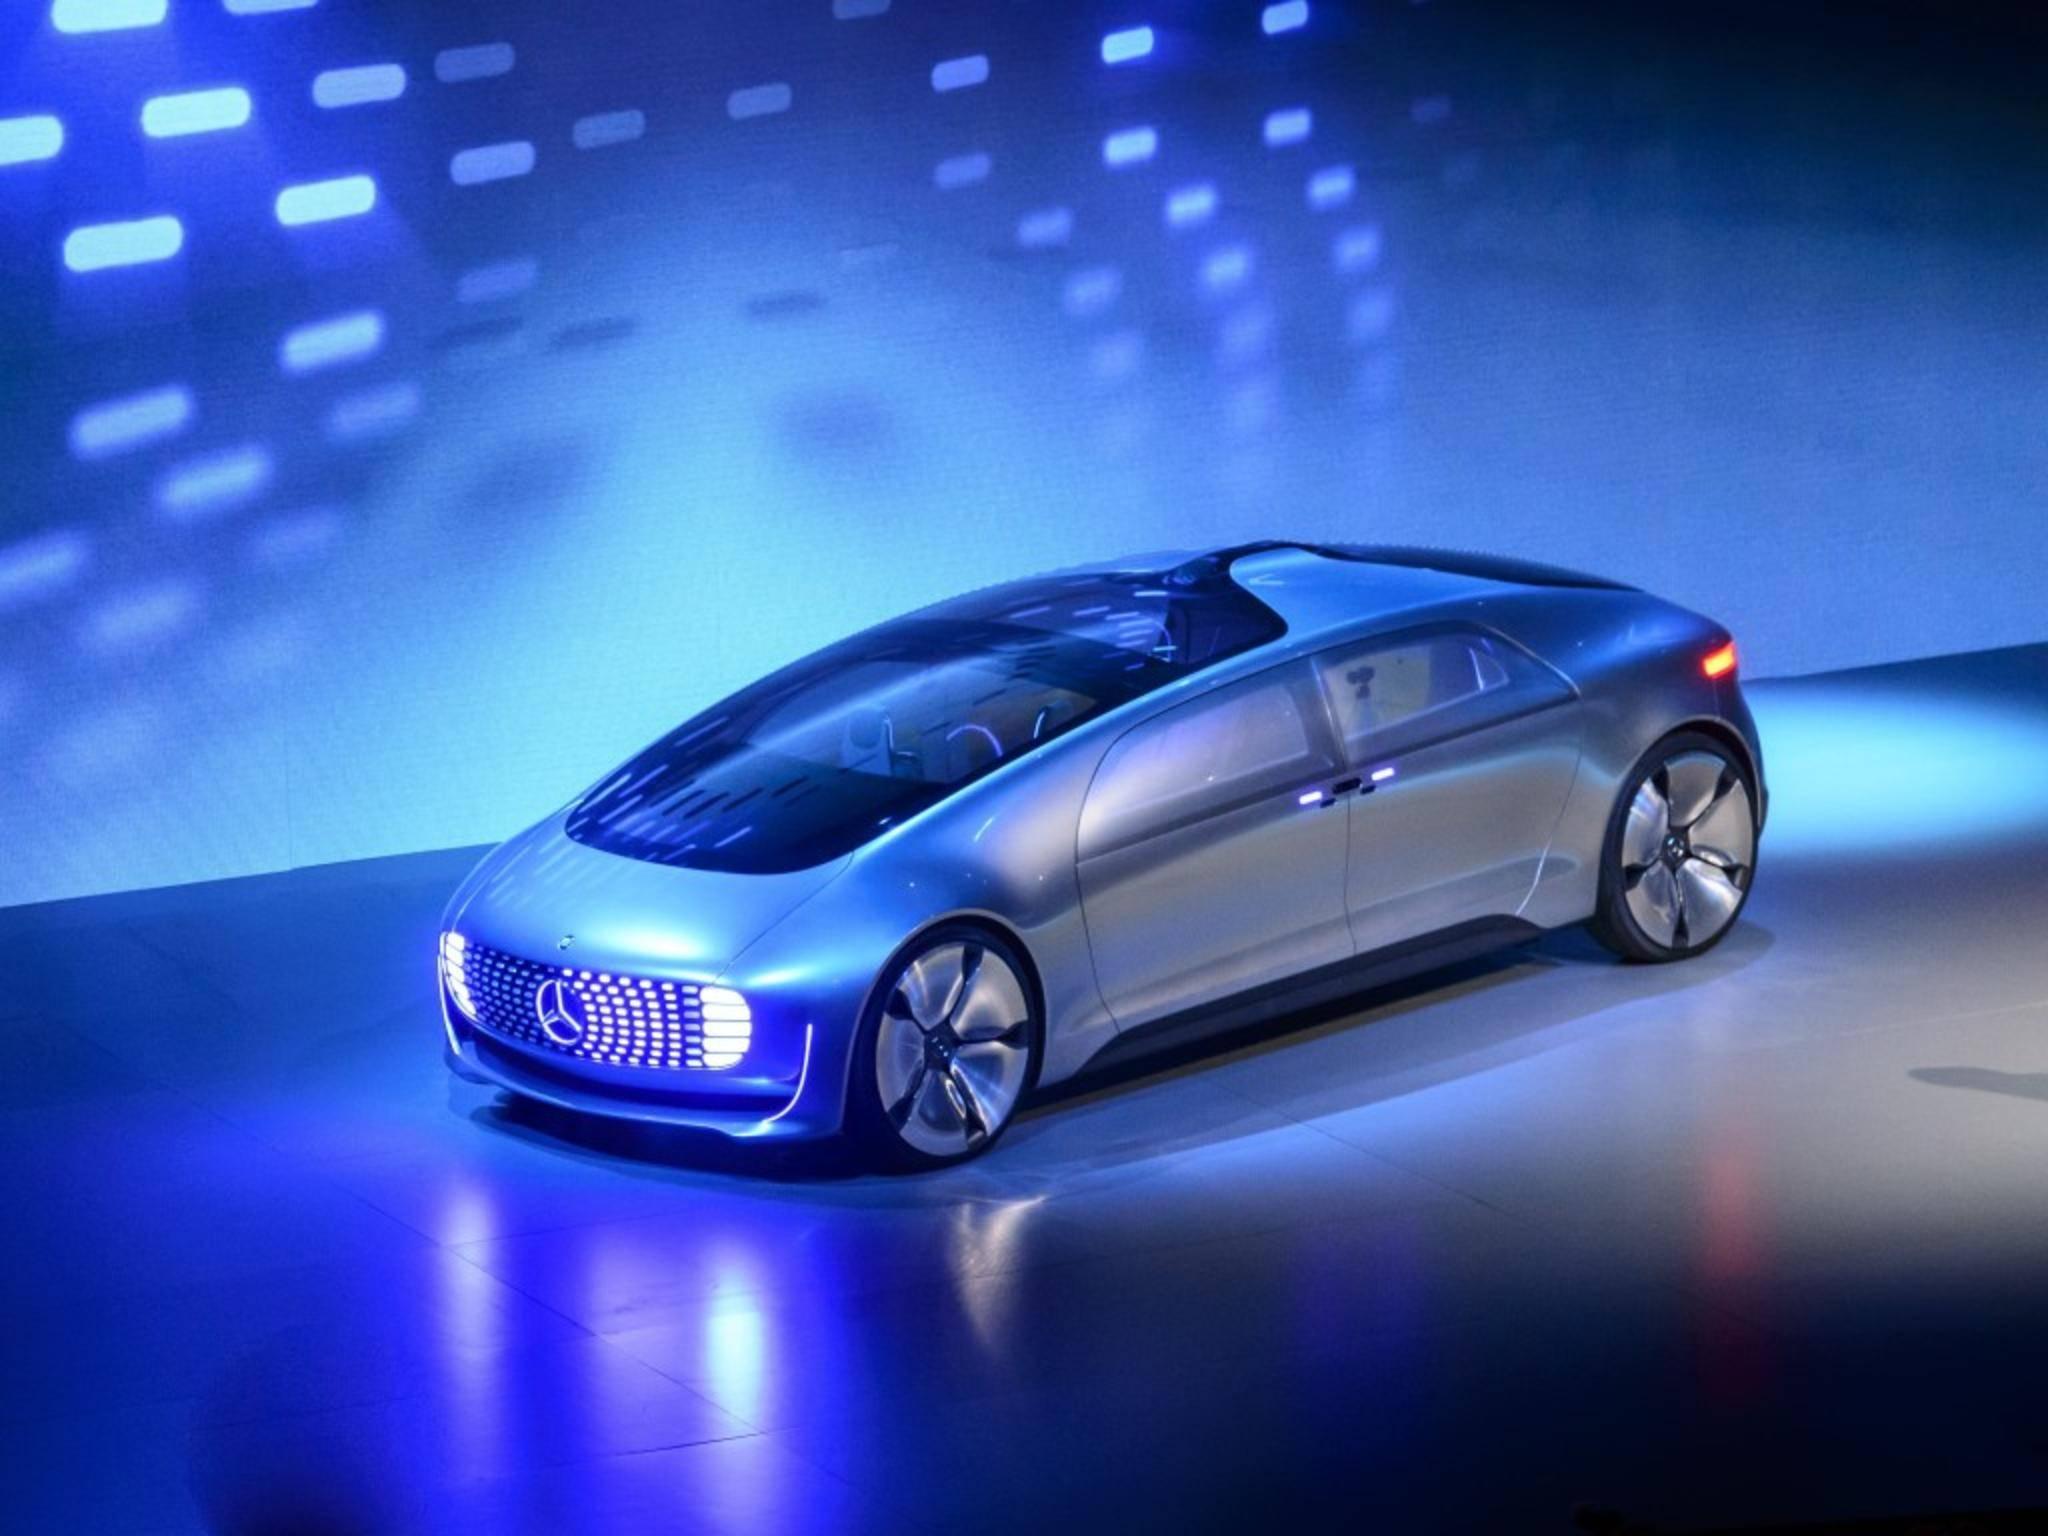 Das futuristische Design wird von großen LED-Flächen geprägt.